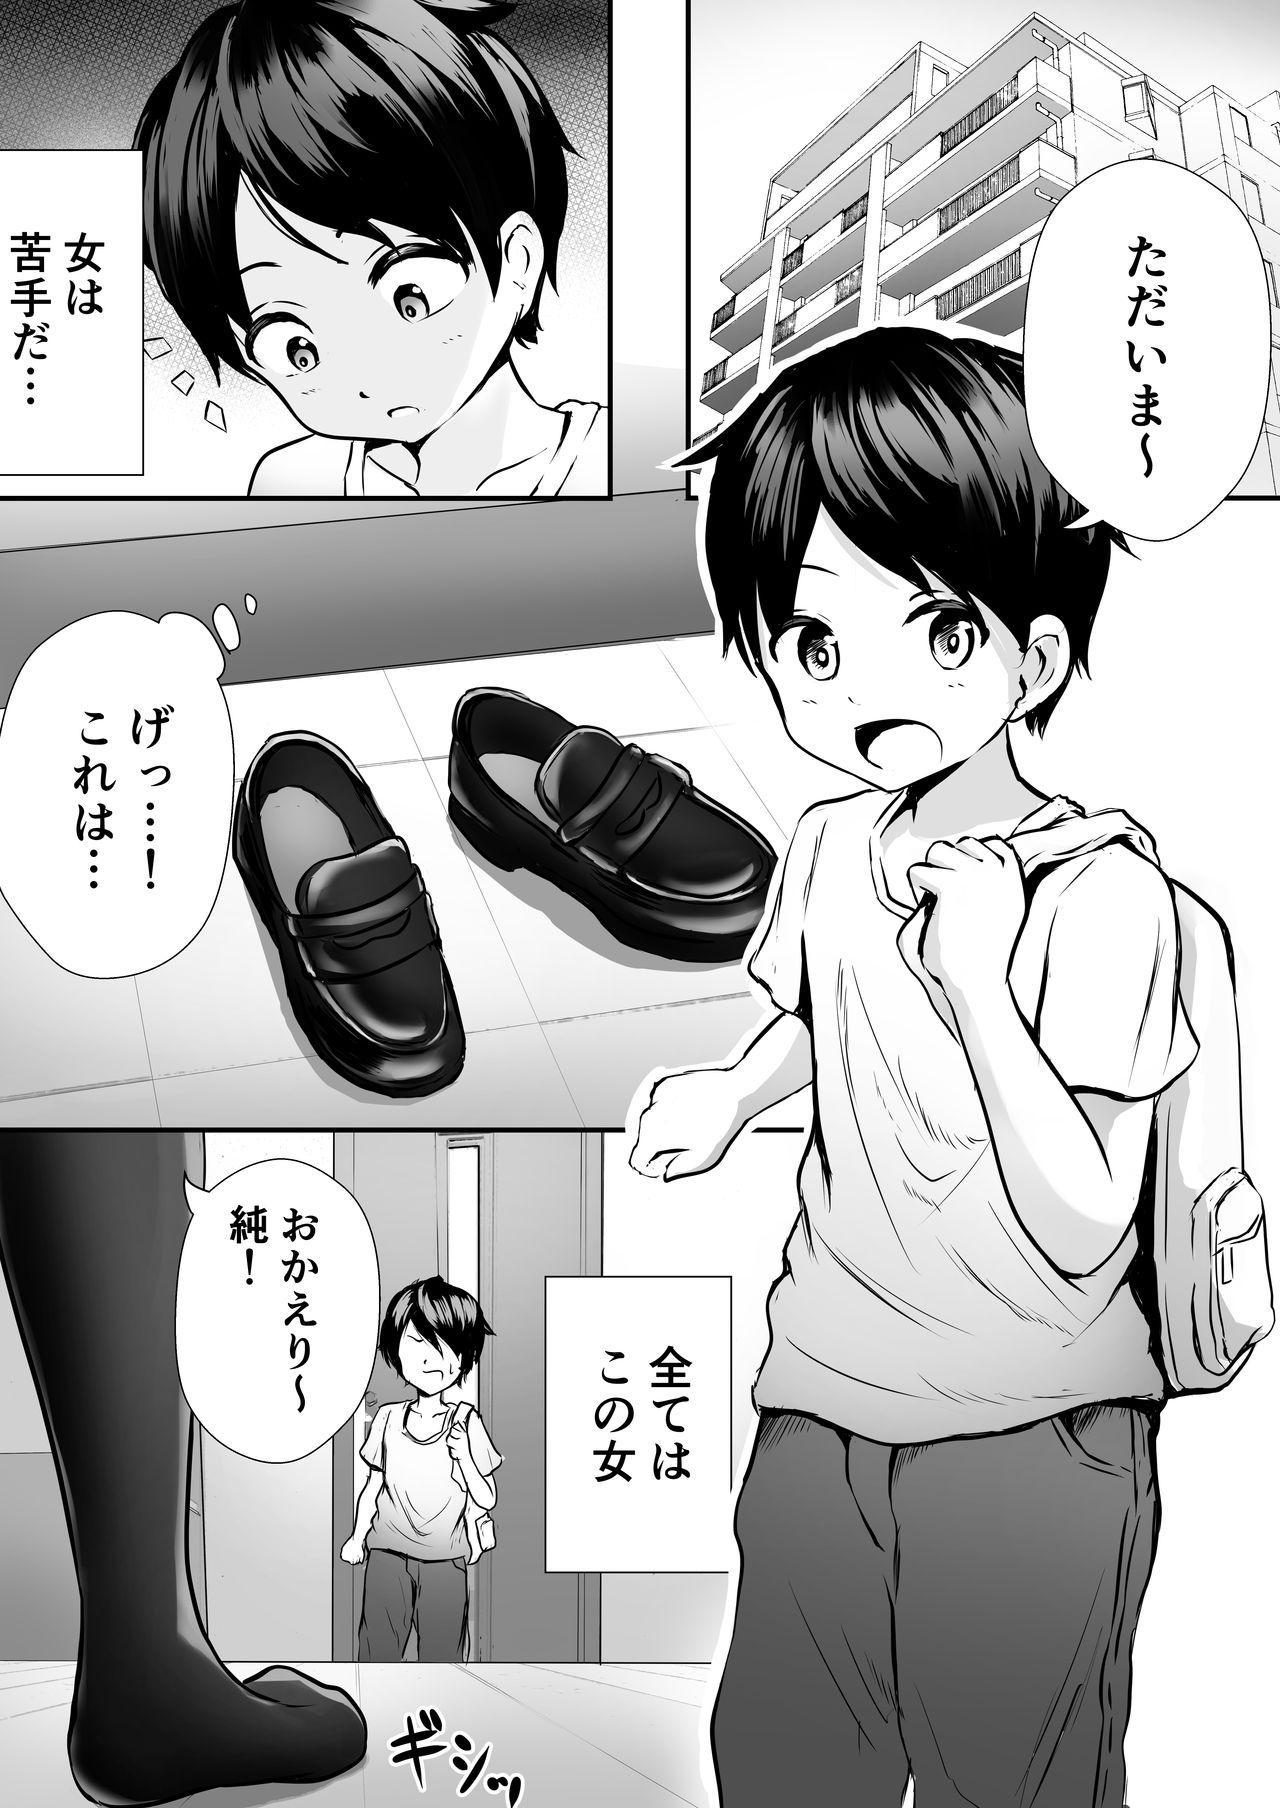 Ane no Shinyuu to Ikaseai 1